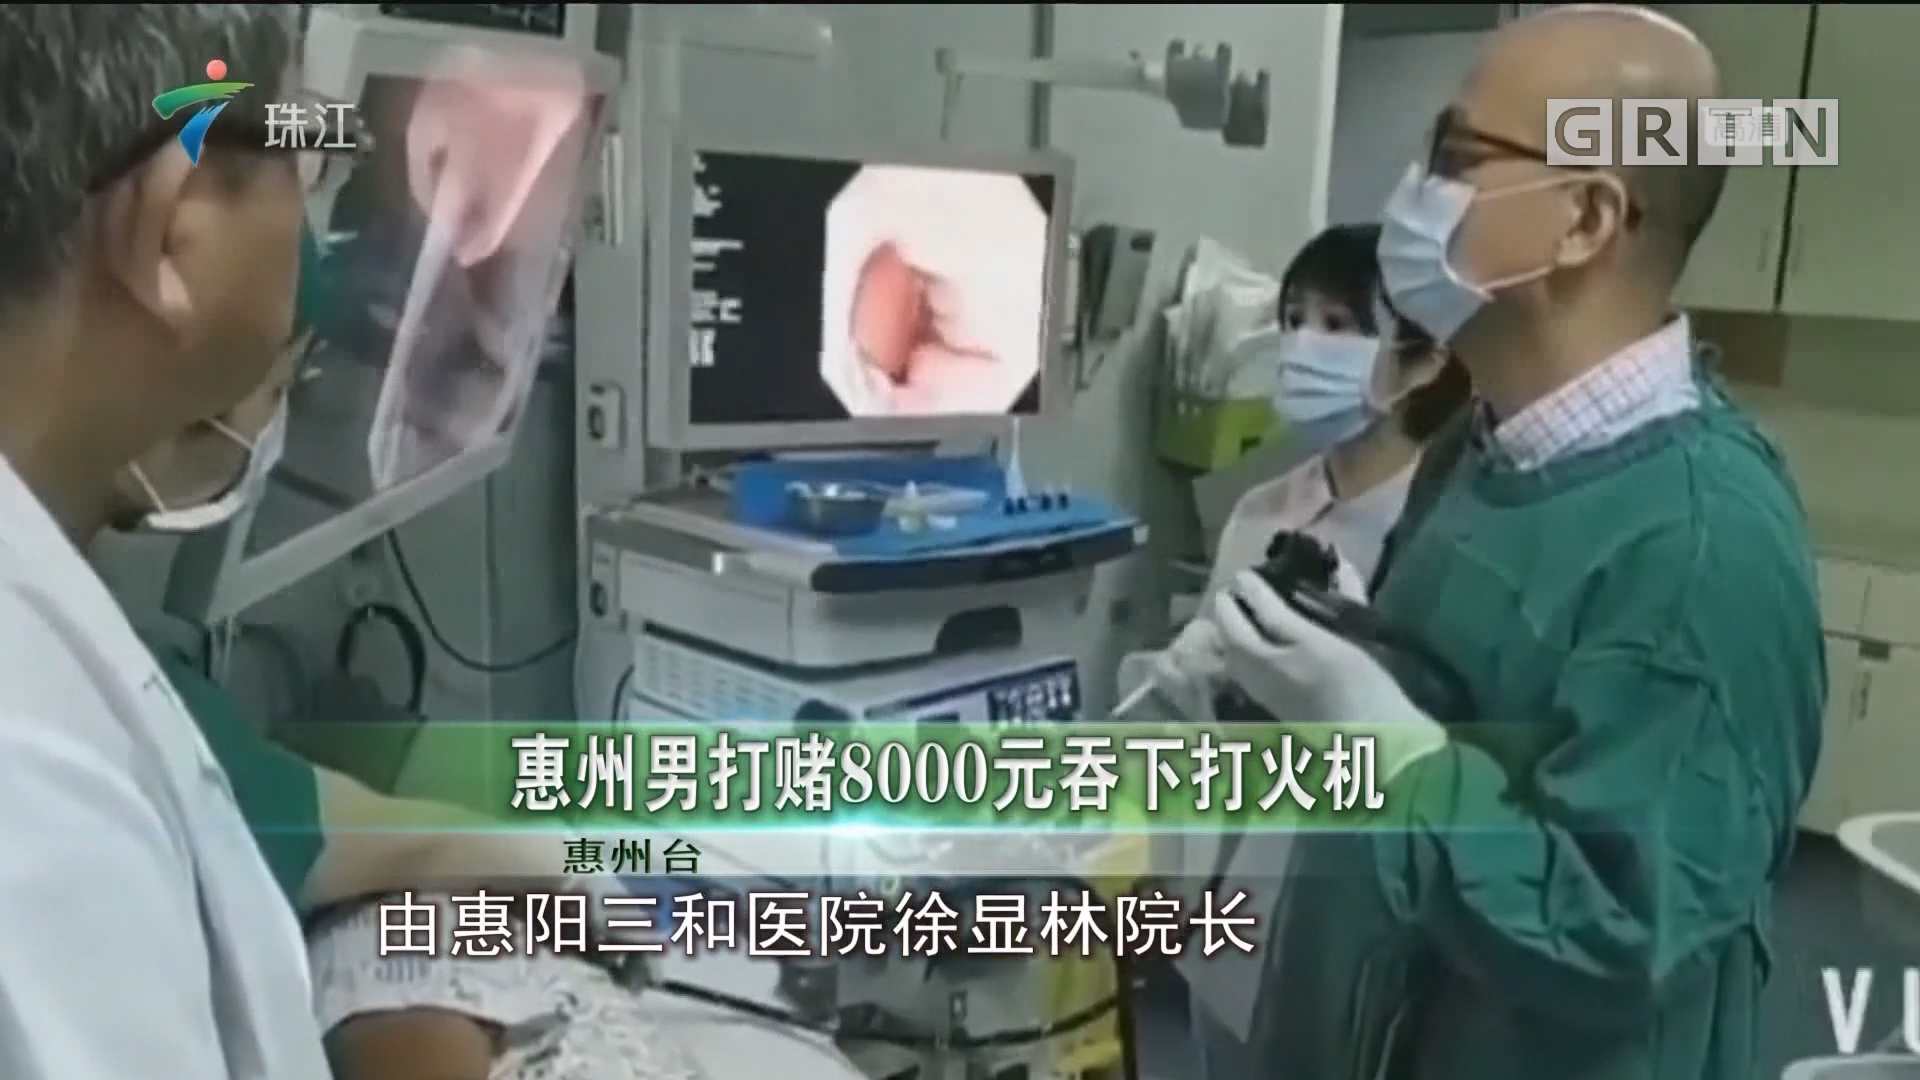 惠州男打賭8000元吞下打火機